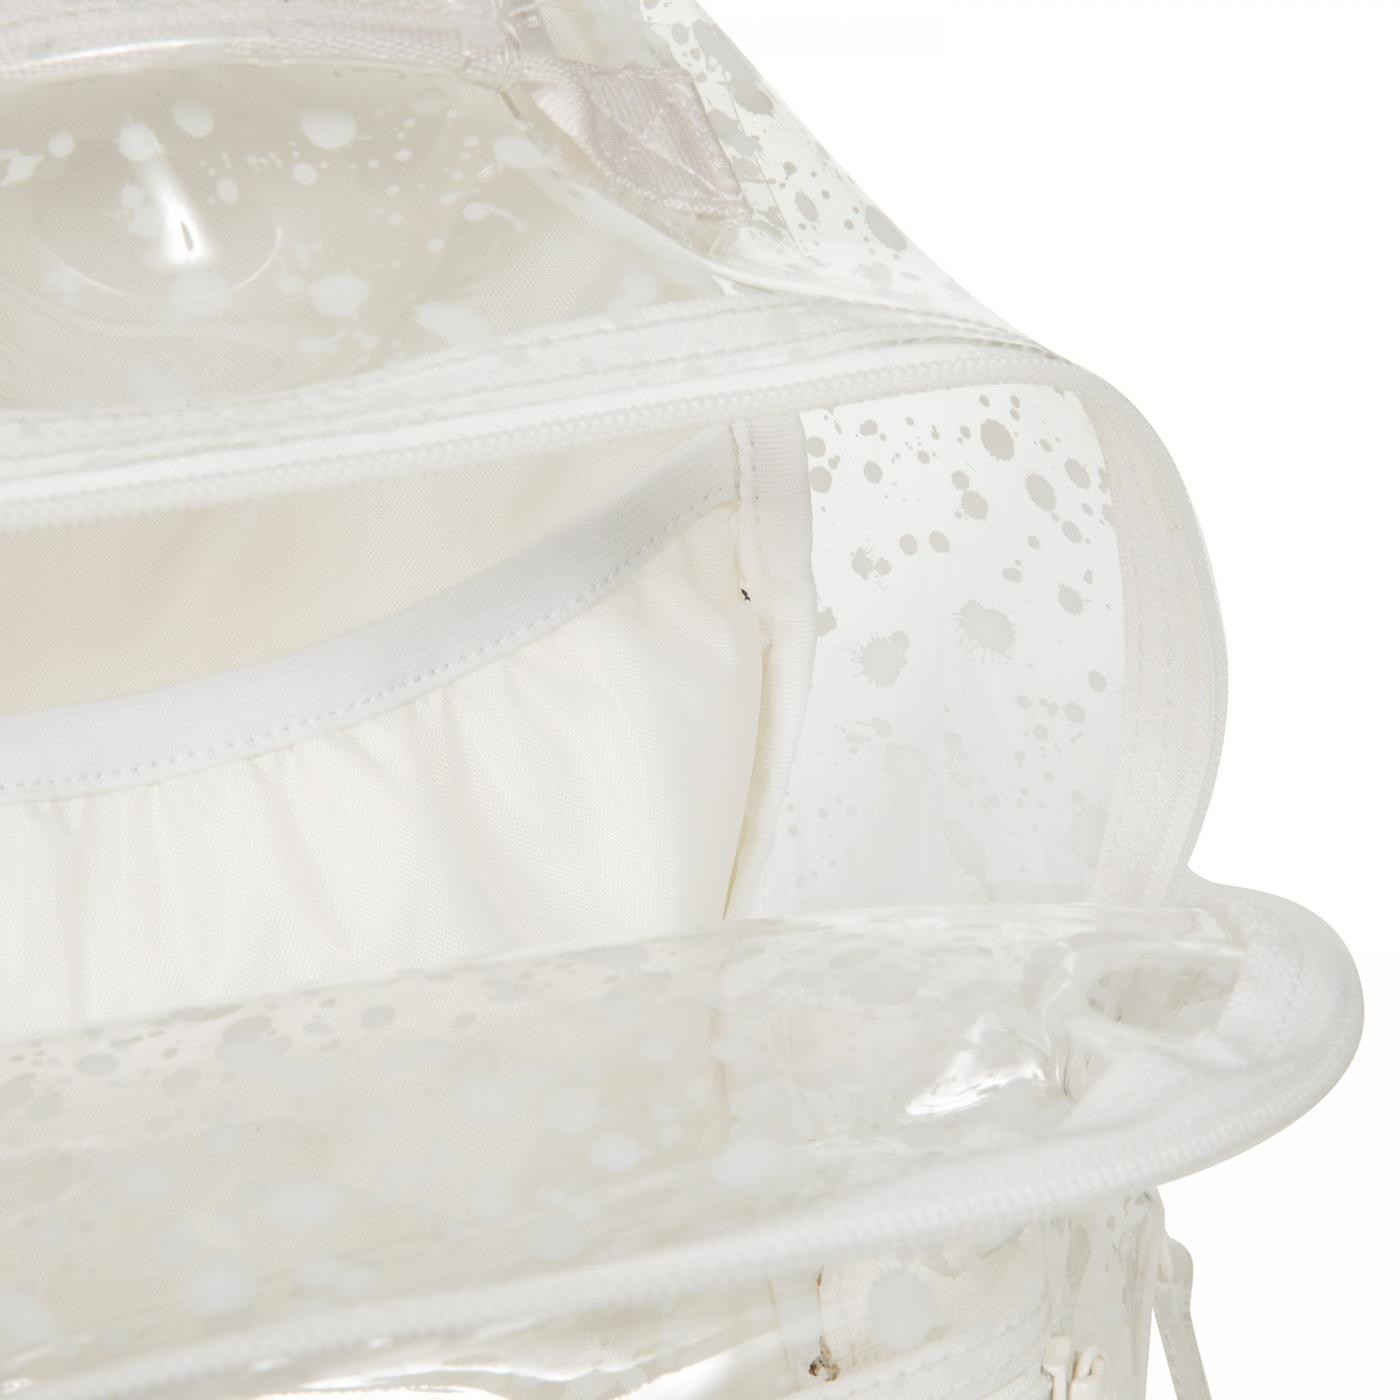 Eastpak Orbit Unisex Beyaz Sırt Çantası